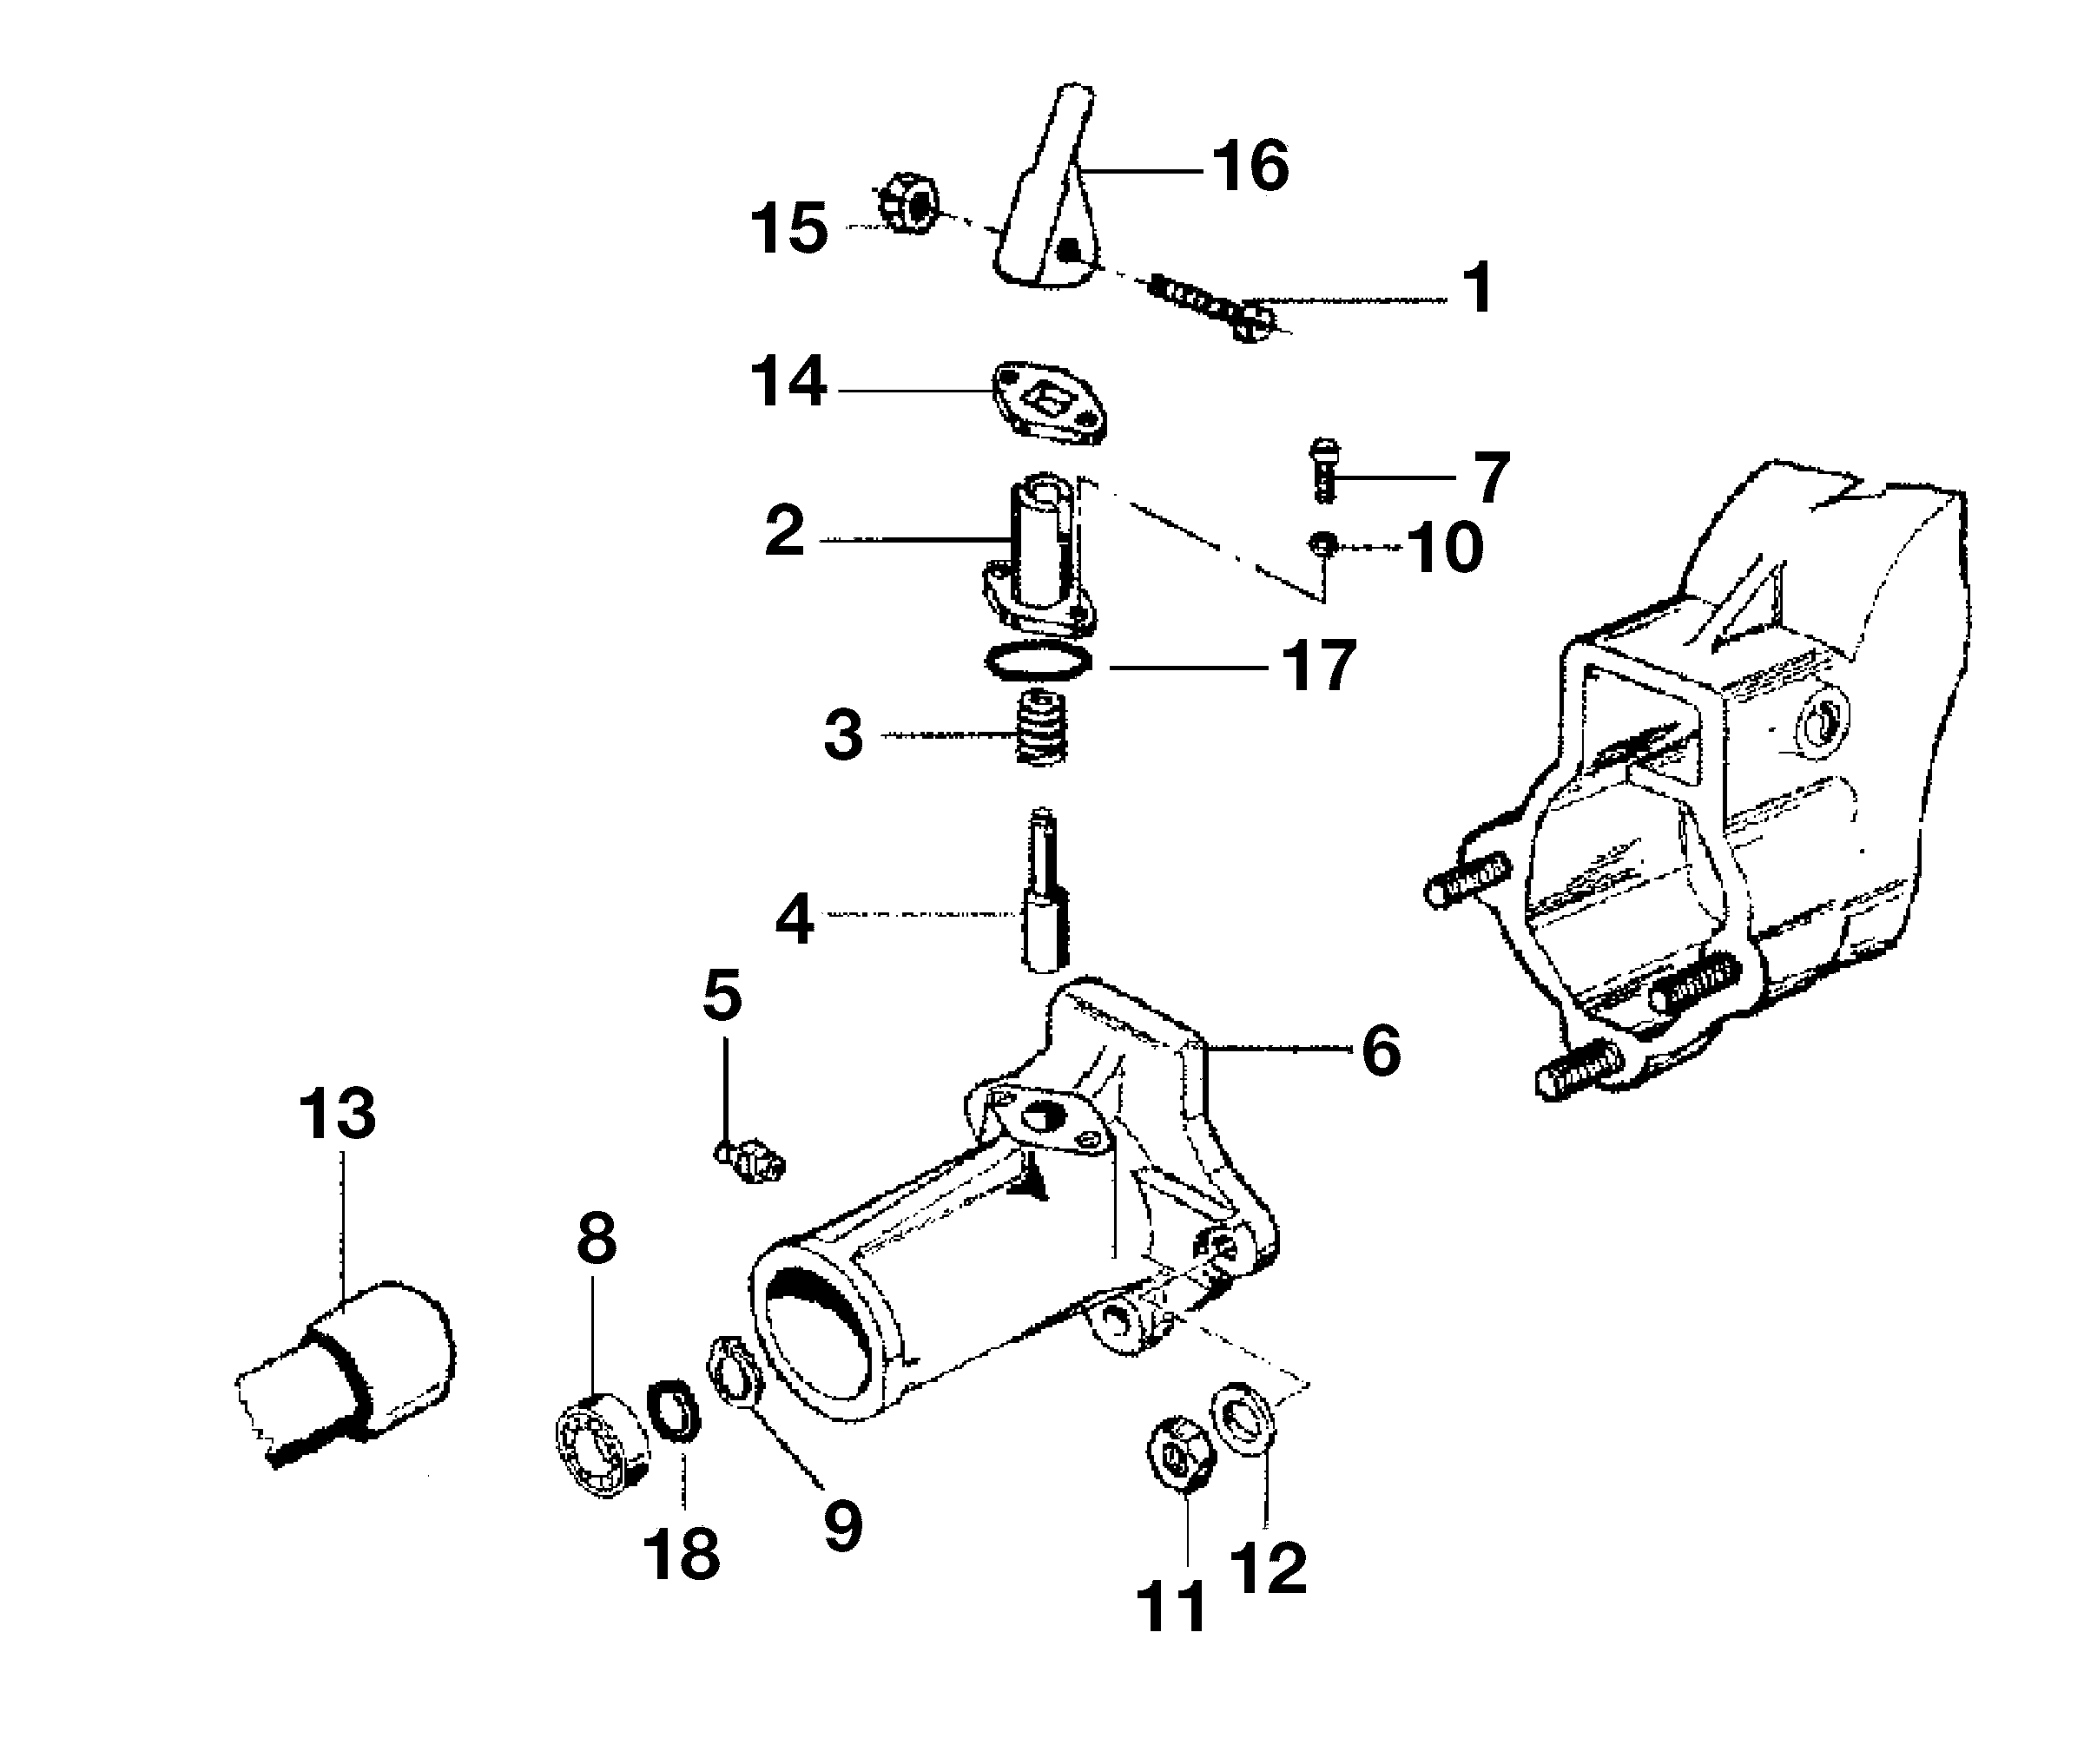 KAM 5 HF Motoculteur  OLEOMAC NIBBI vue éclatée  Dessins pièces -  Quickfit